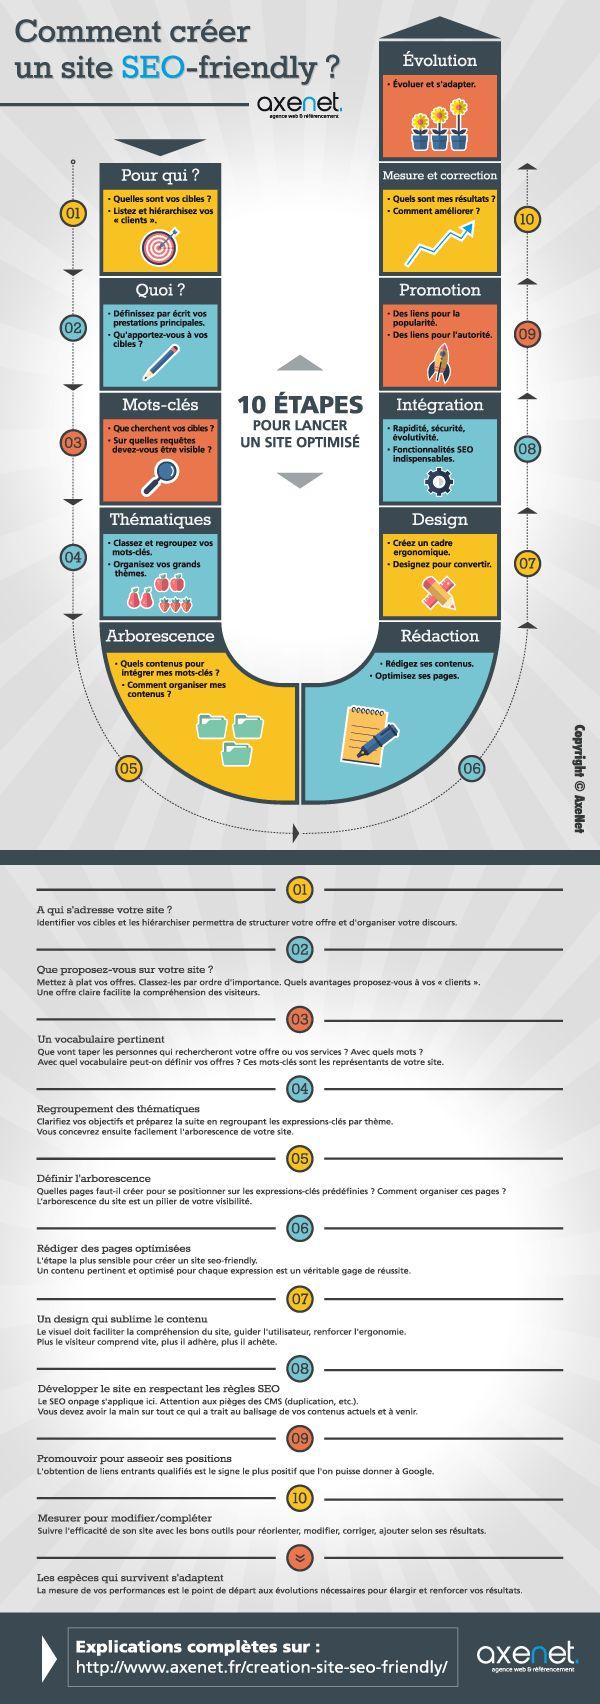 Méthode et conseils pour la création d'un site web optimisé seo dès sa création. Source : Création de site seo-friendly : infographie